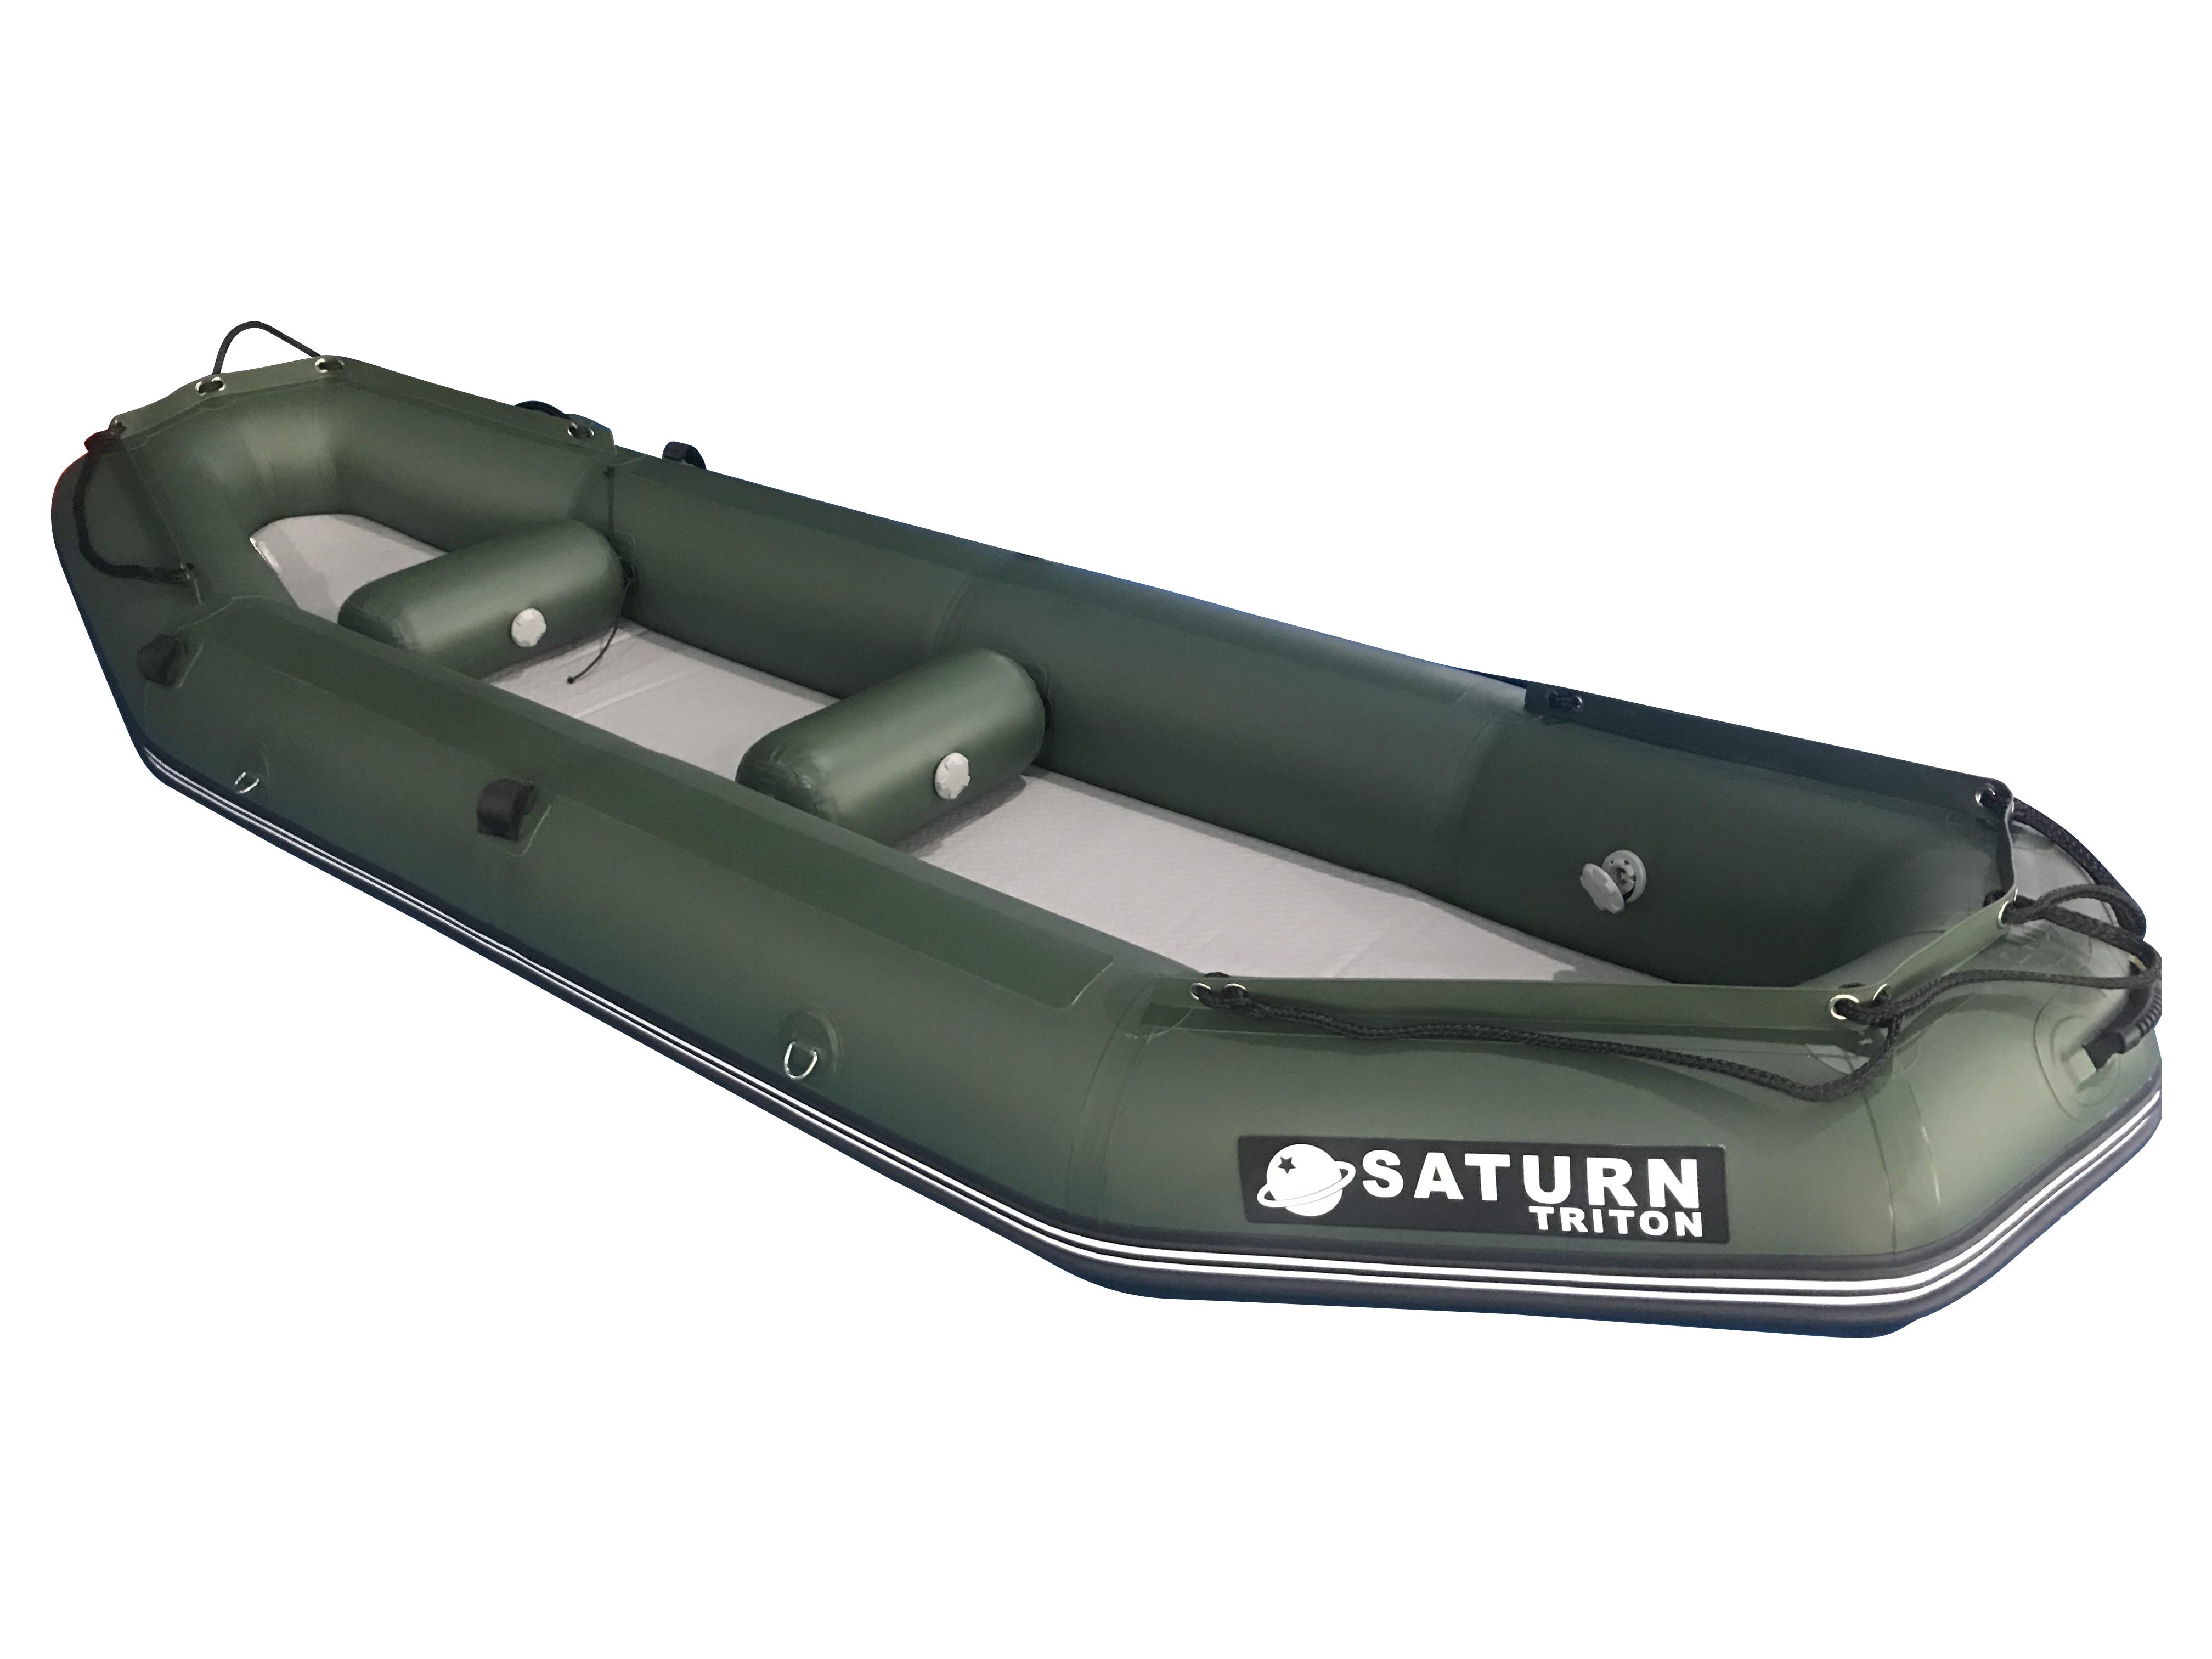 2021 12' Saturn Triton Raft / Kayak